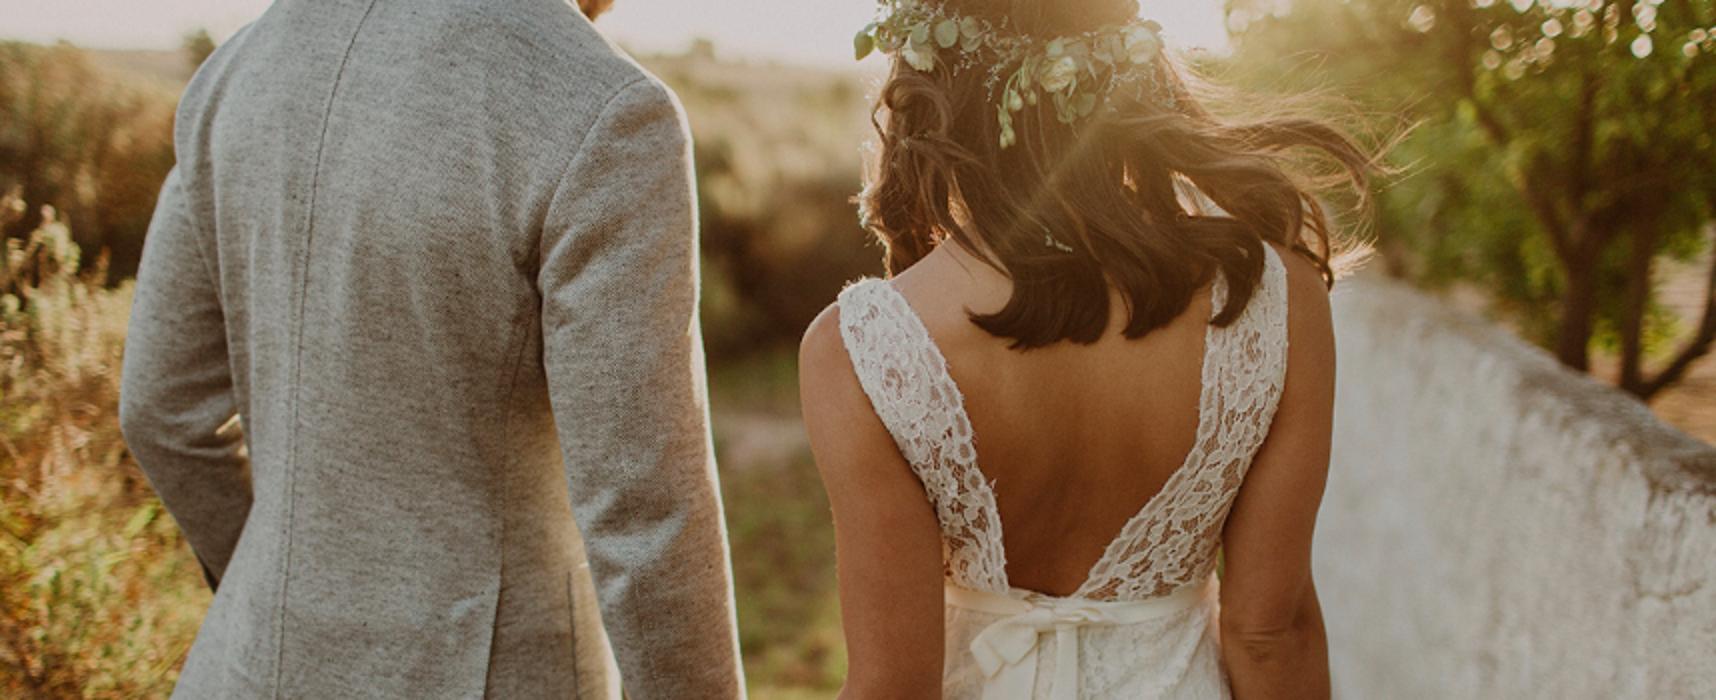 Matrimoni e cerimonie private, il PROTOCOLLO per la ripartenza